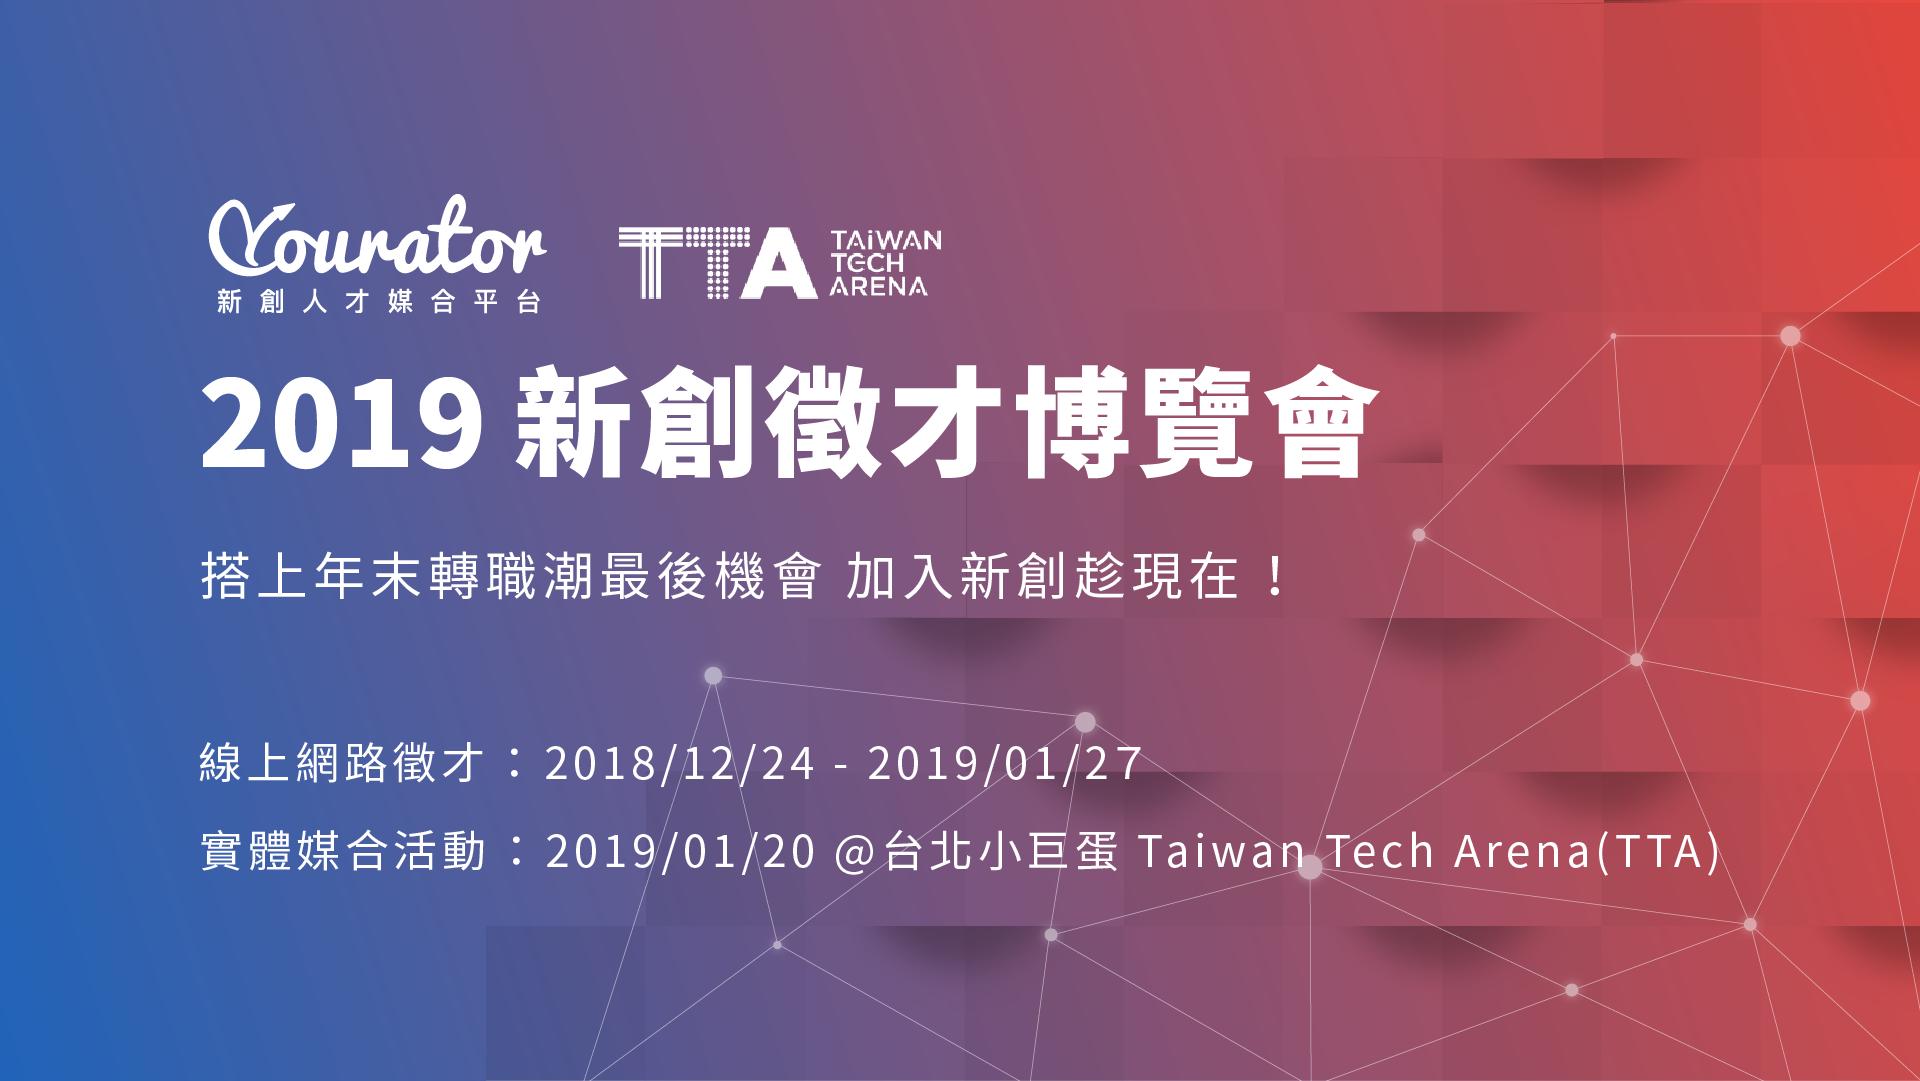 2019Yourator新創徵才博覽會